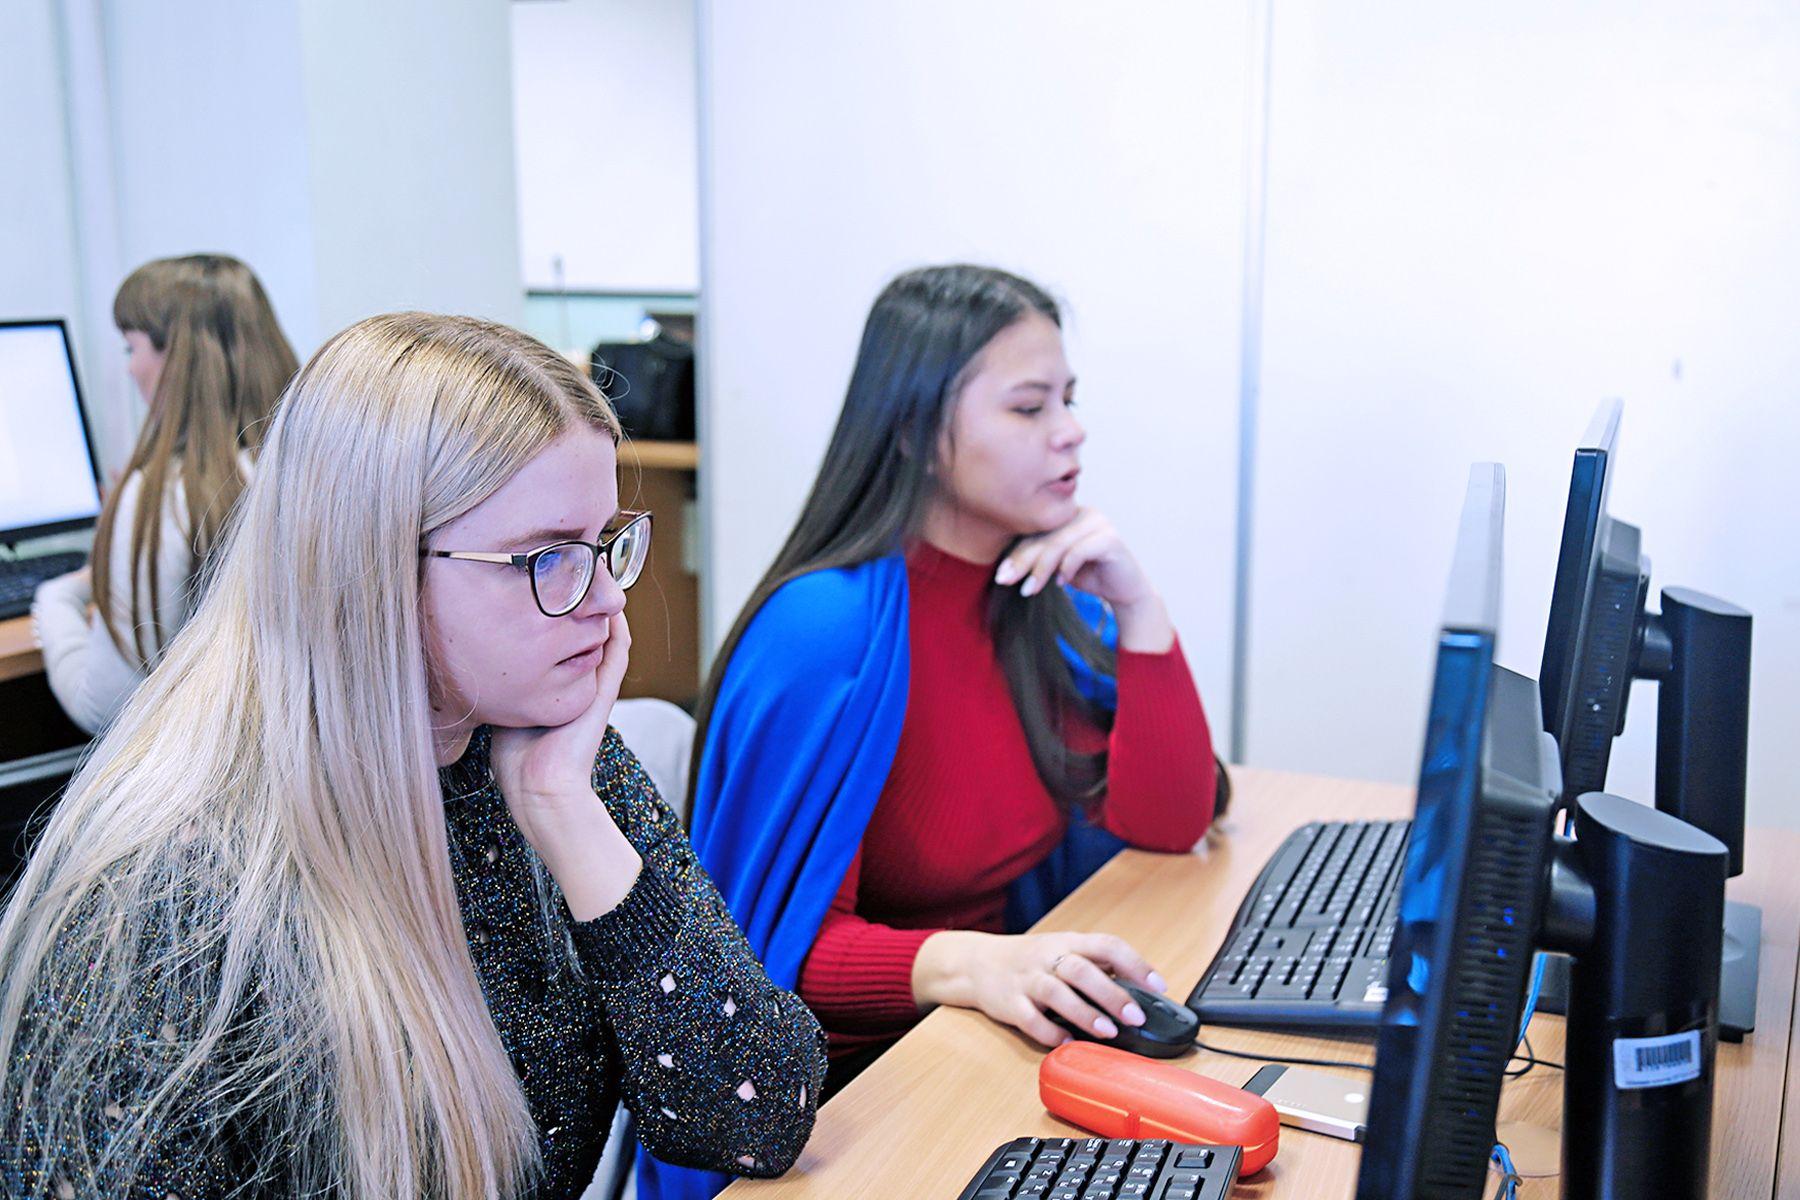 Знать свои права и обязанности. Студенты ВГУЭС участвуют во Всероссийском юридическом диктанте